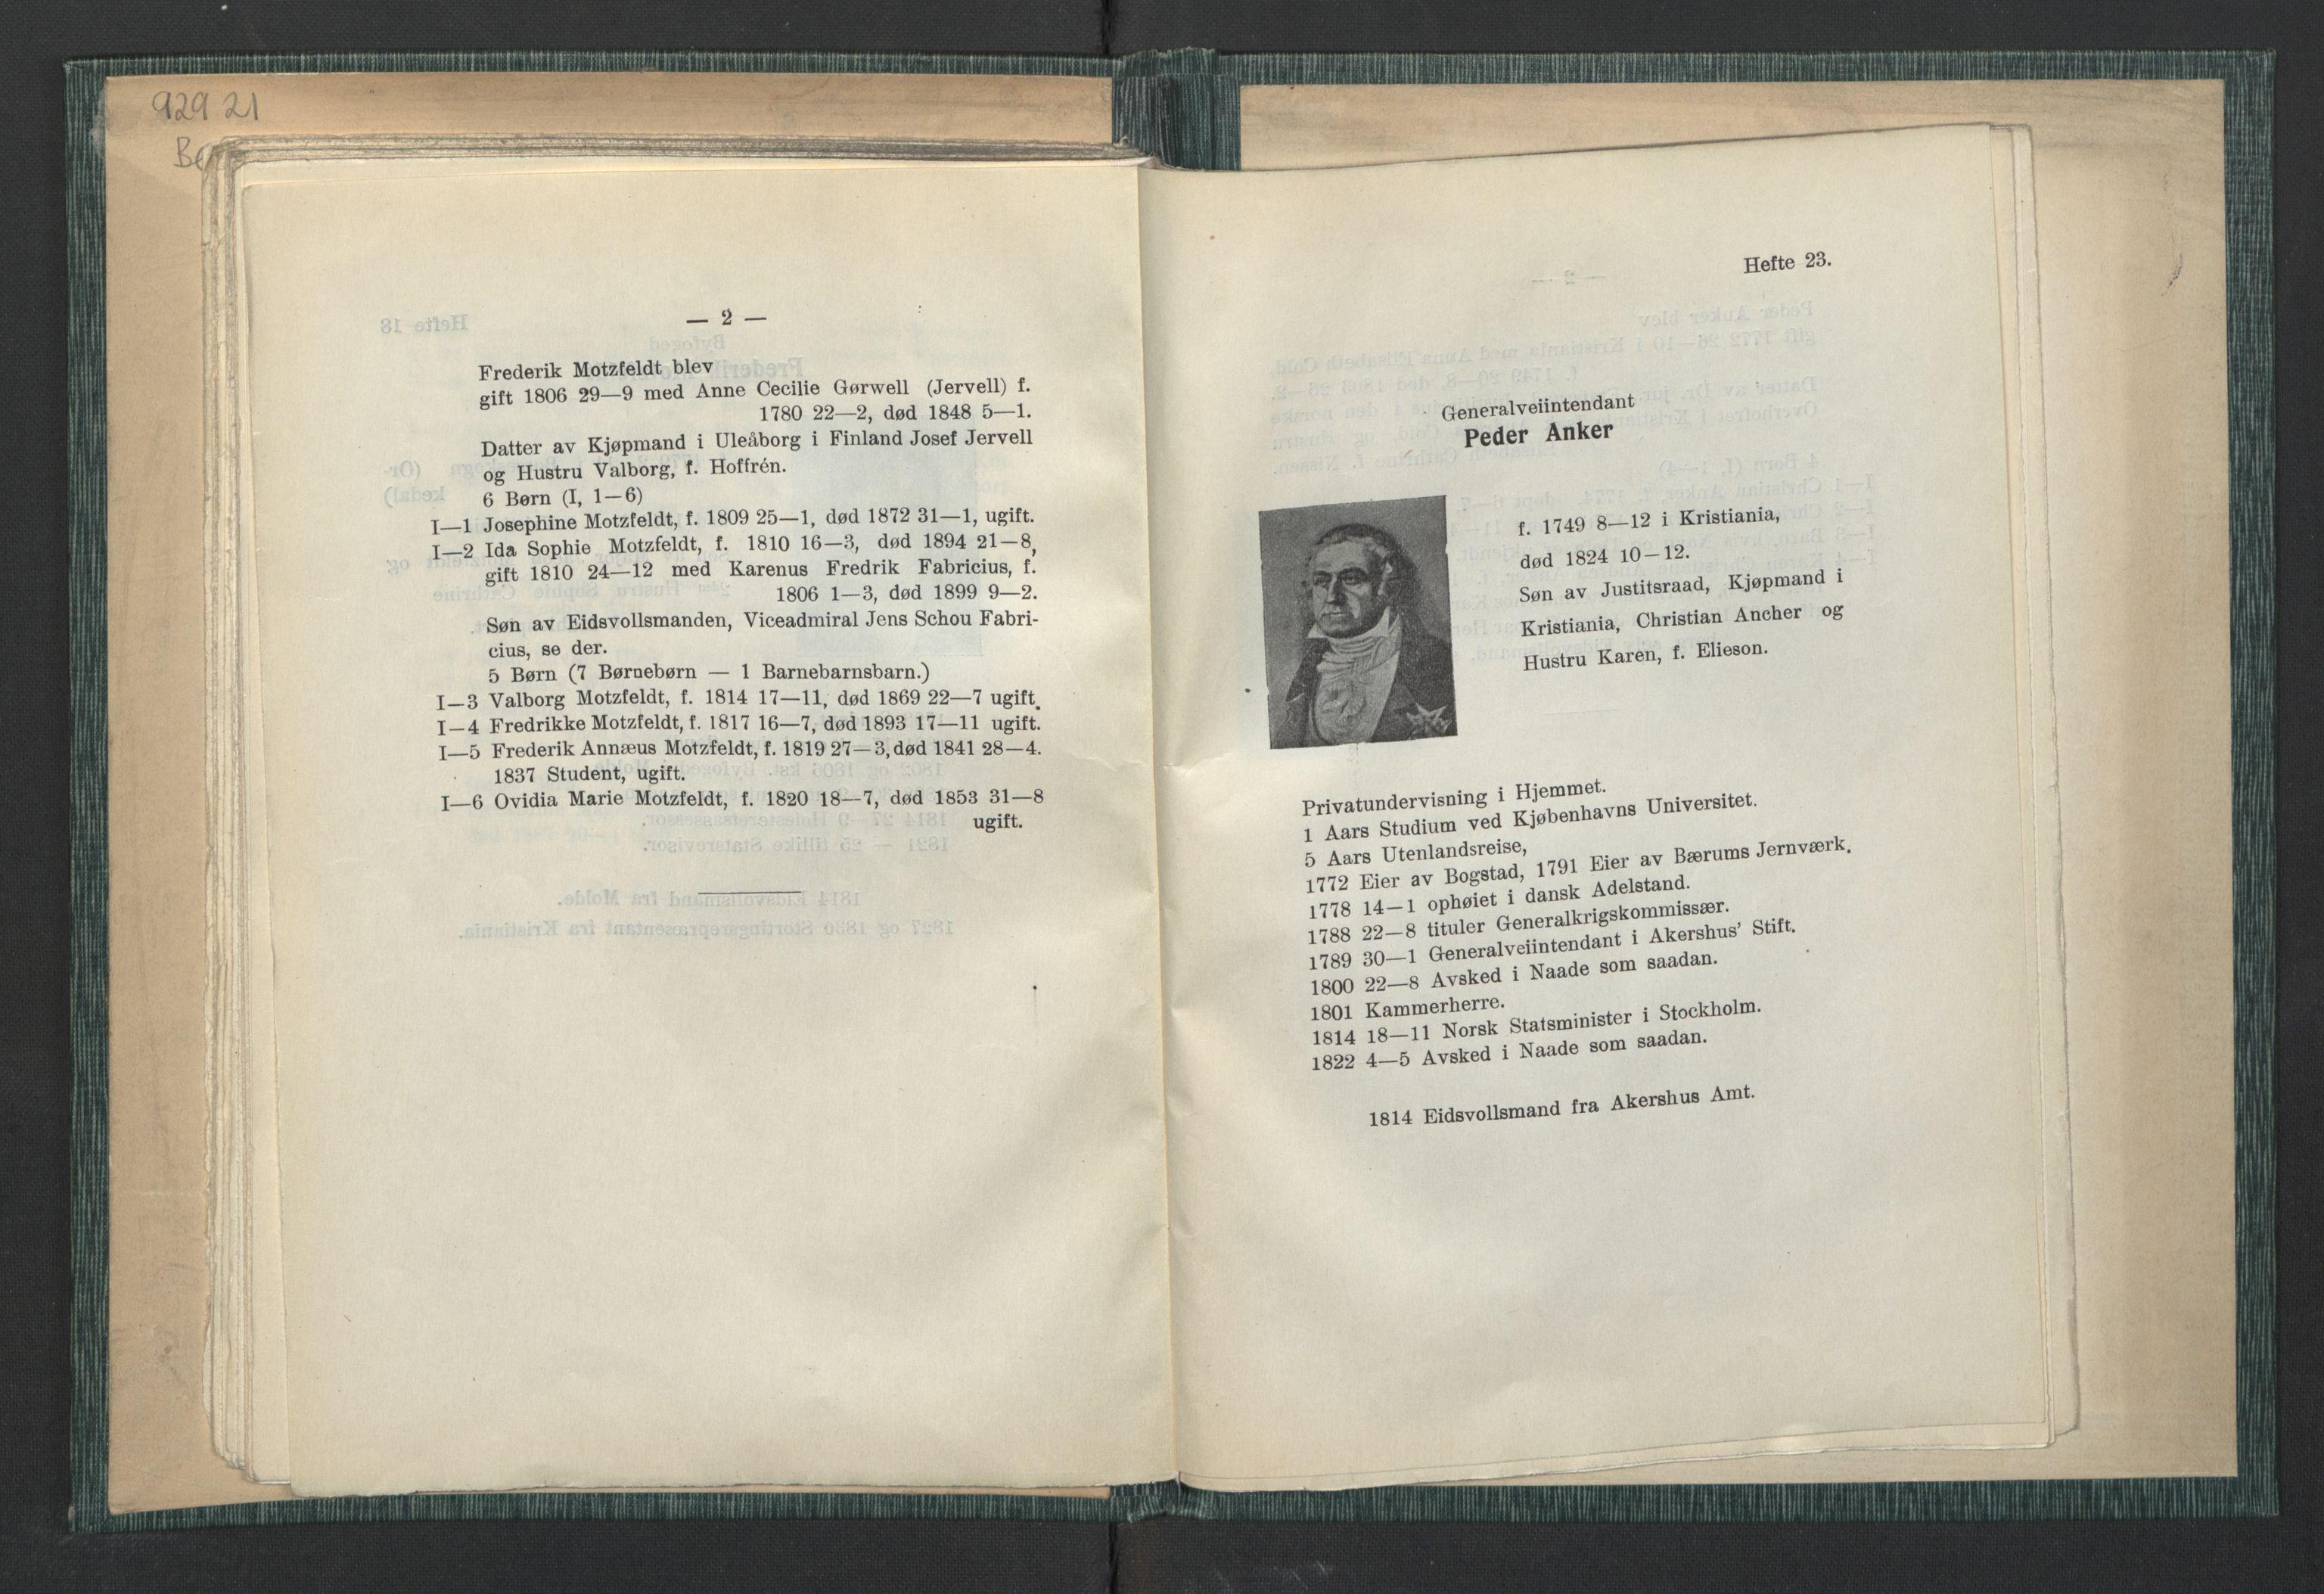 RA, Publikasjoner*, 1914, s. 64